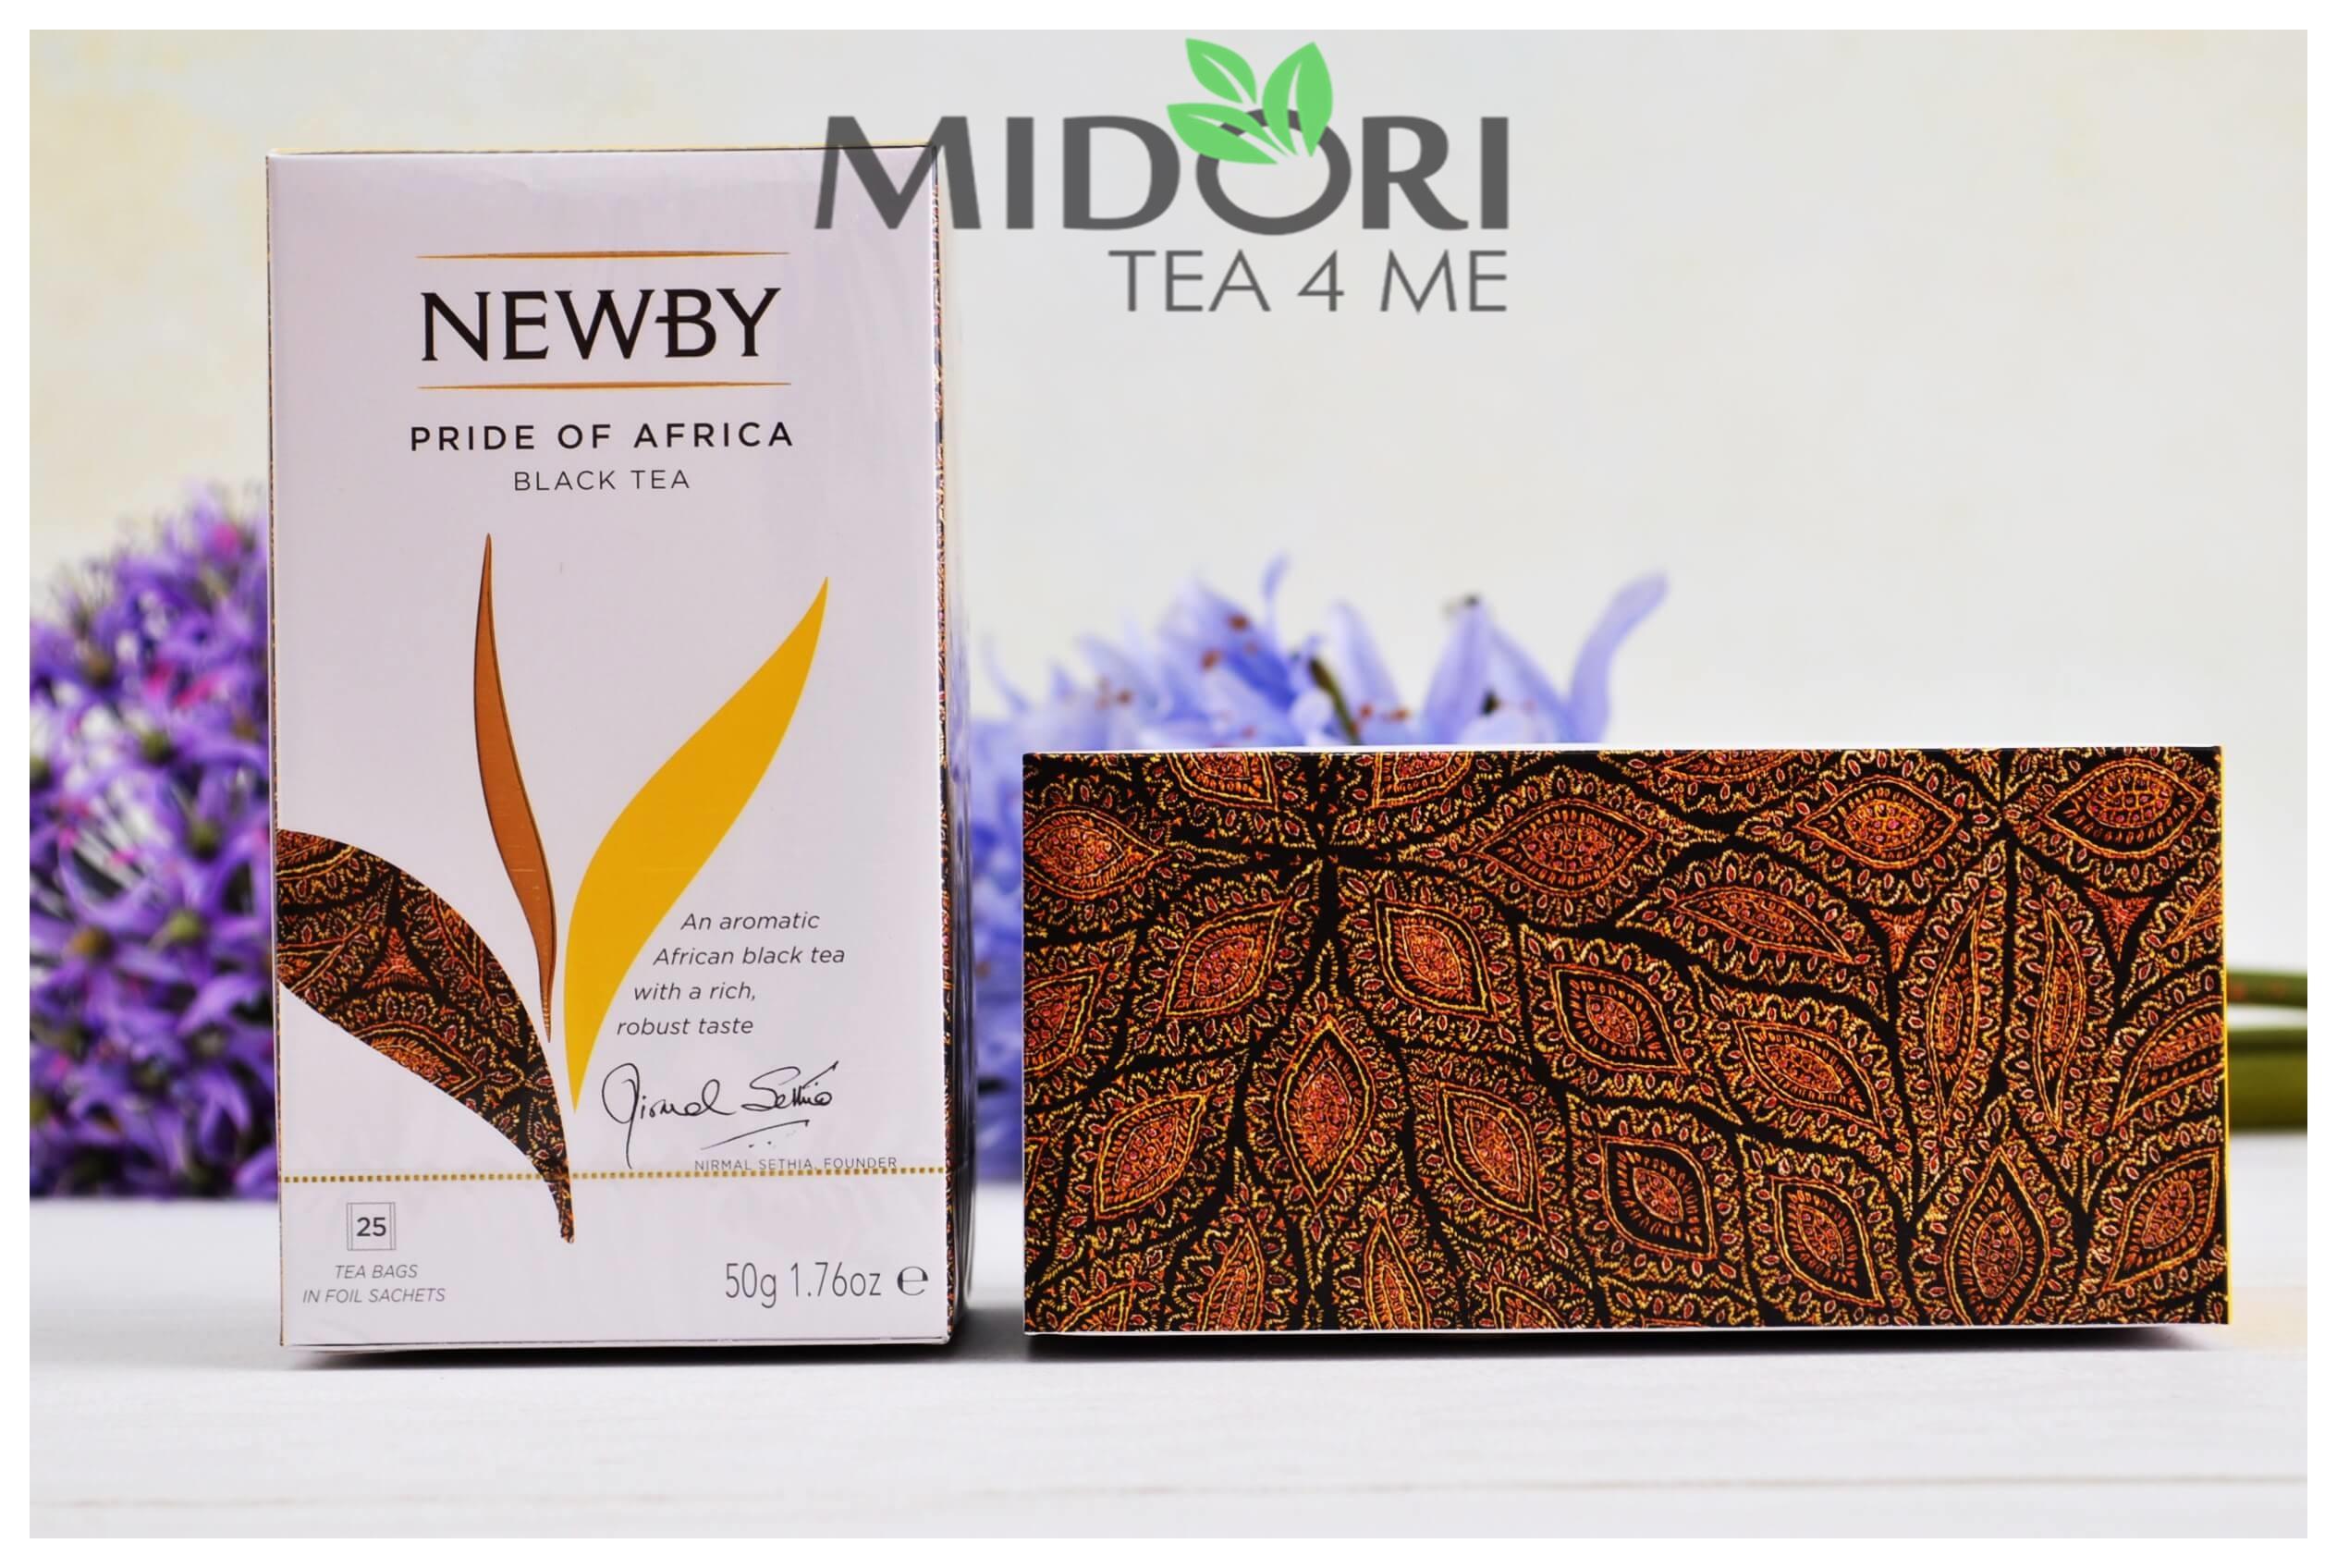 black tea, pride of africa